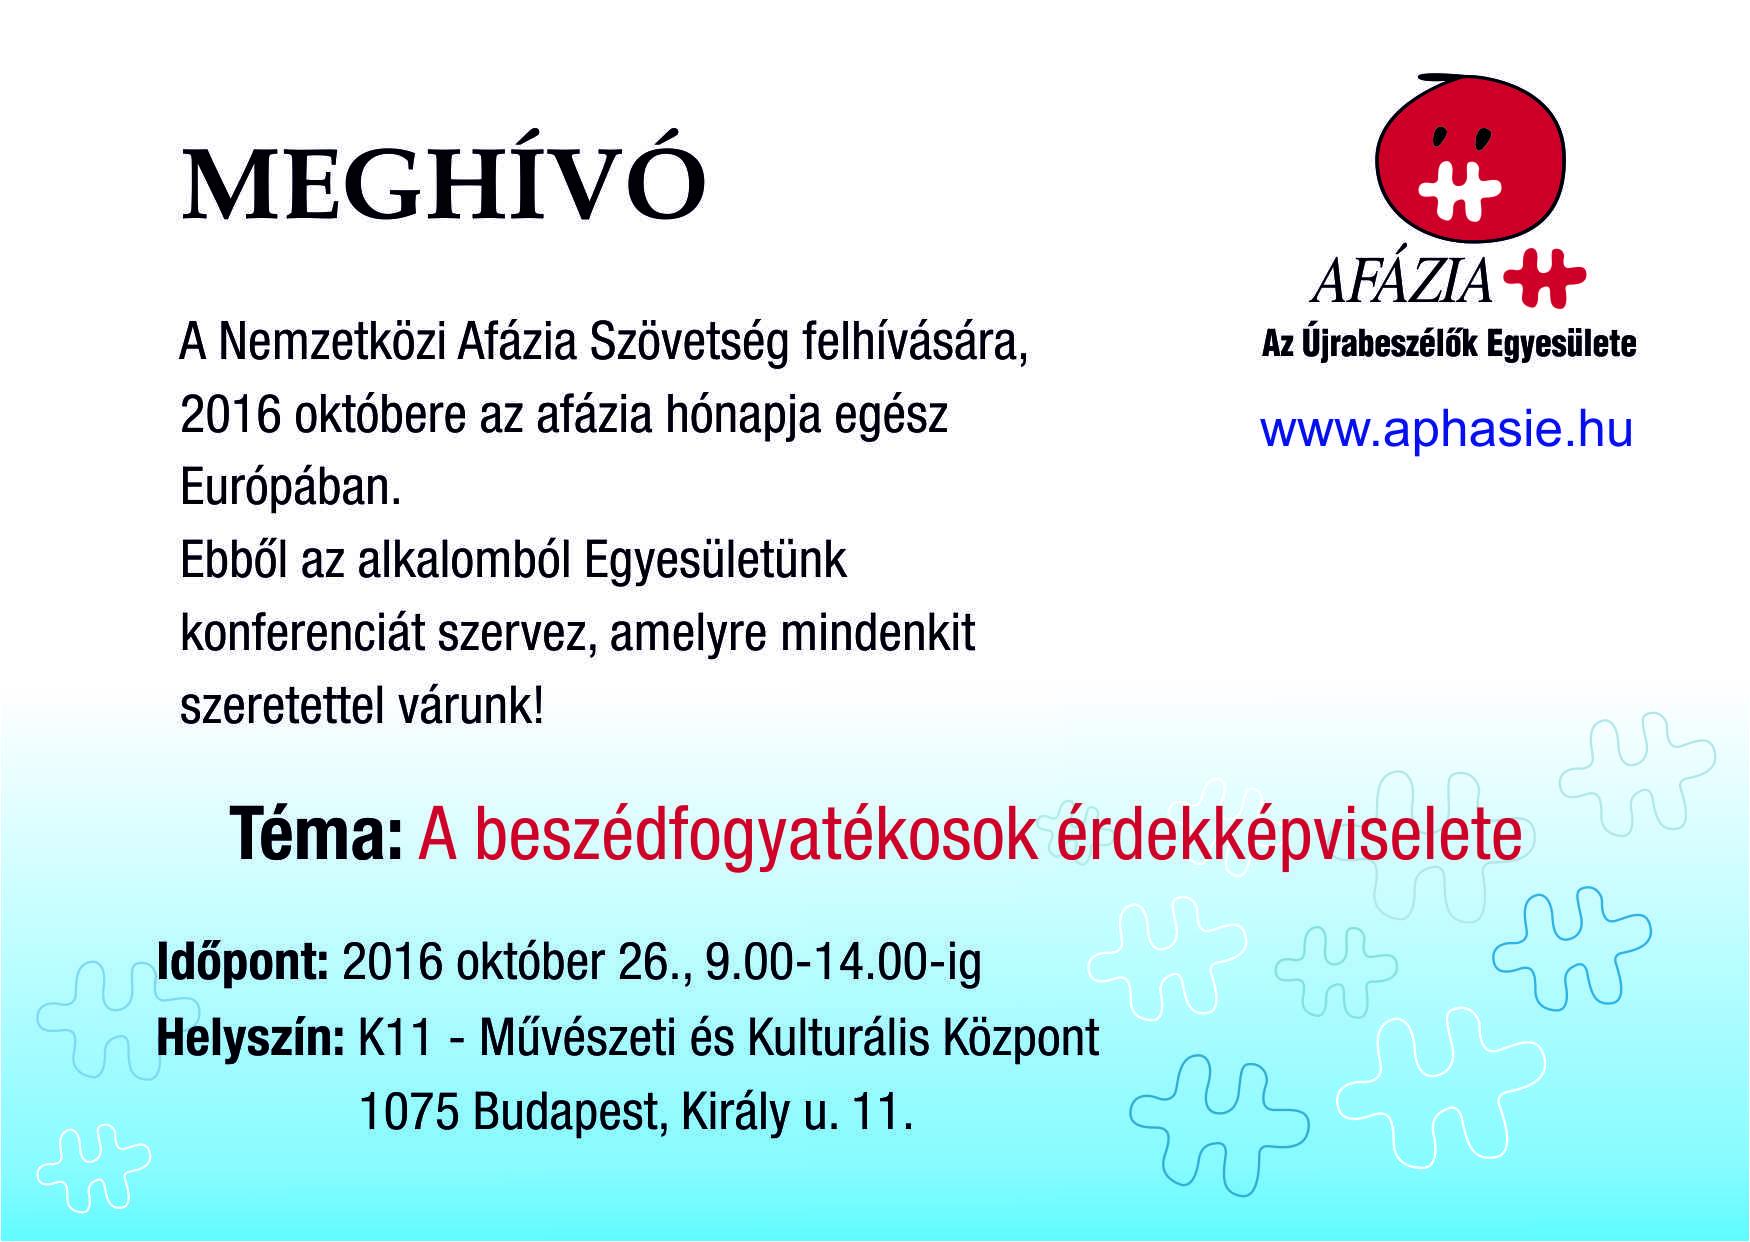 afazia-meghivo-2016-1